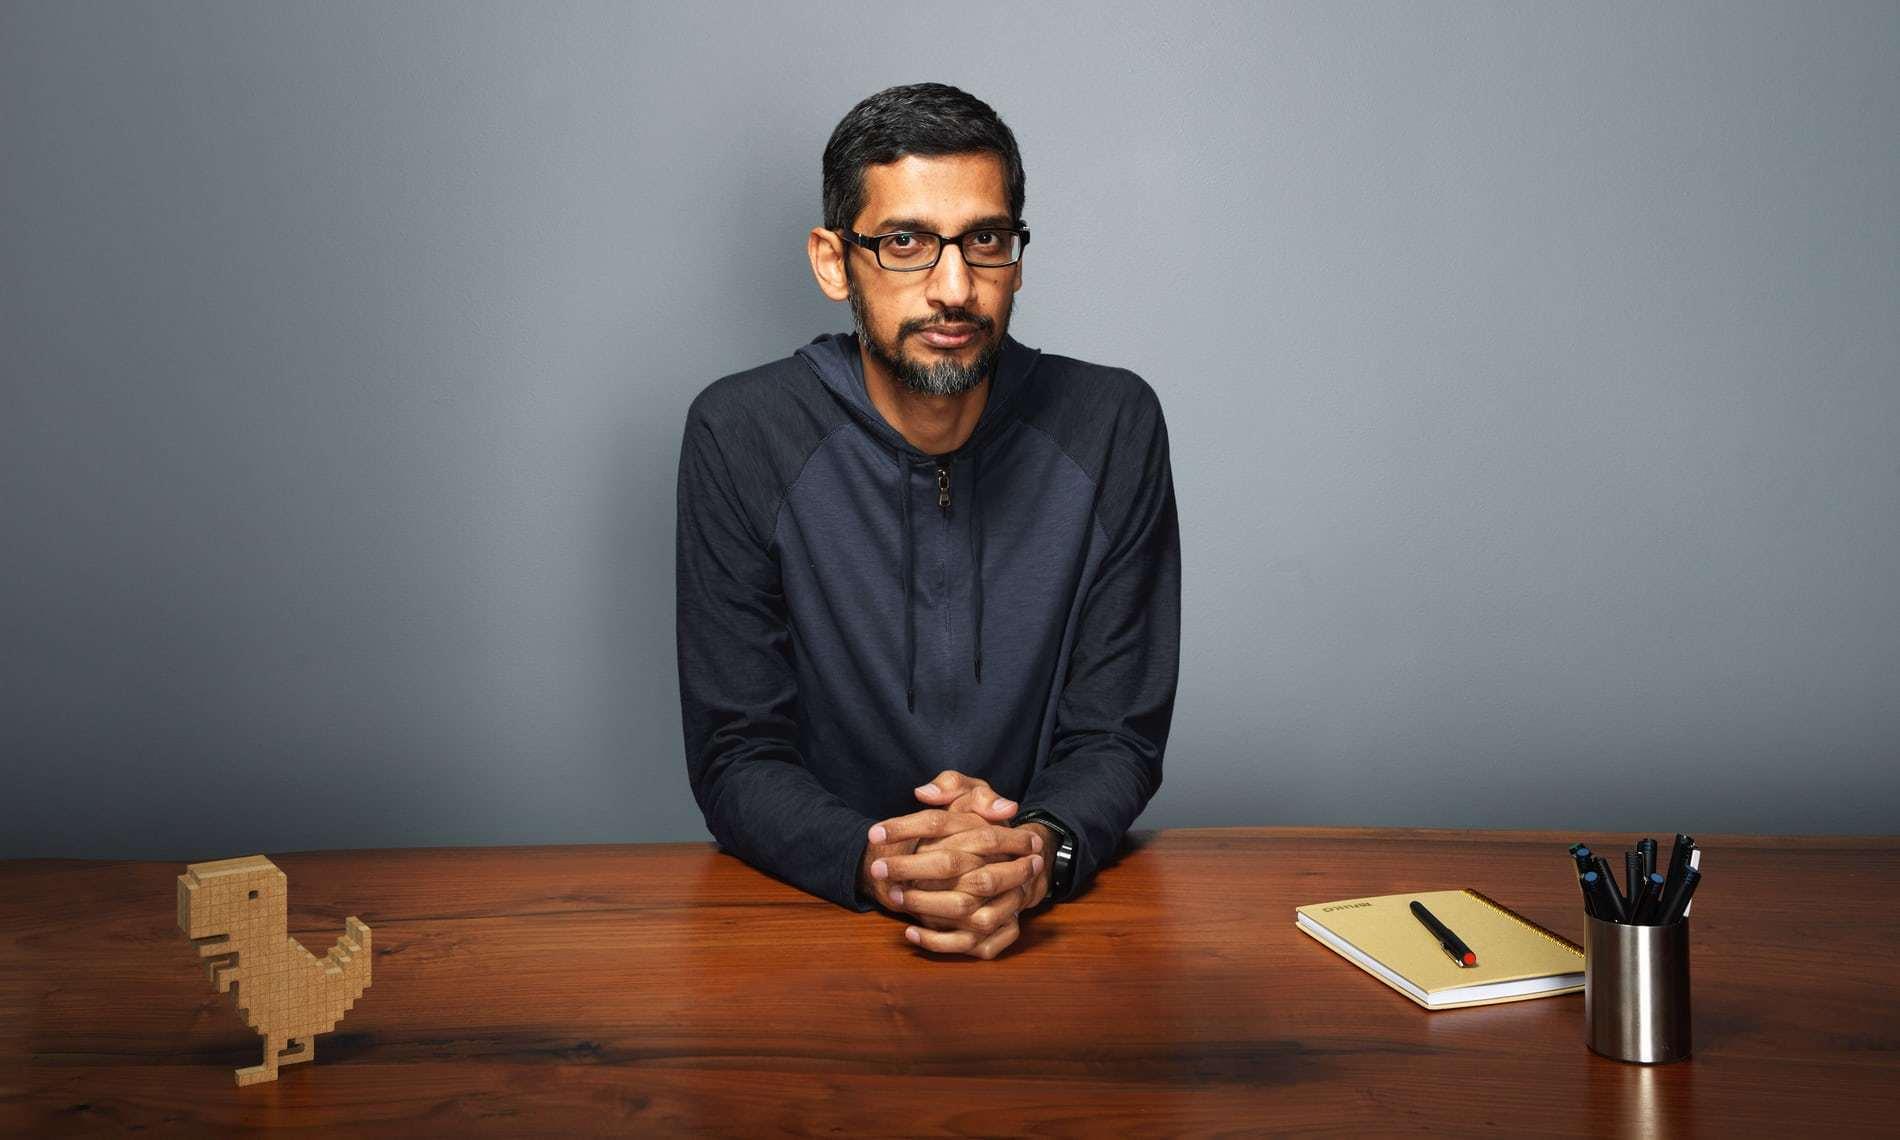 用户庞大&技术猛进:谷歌CEO咋看那些争议和挑战